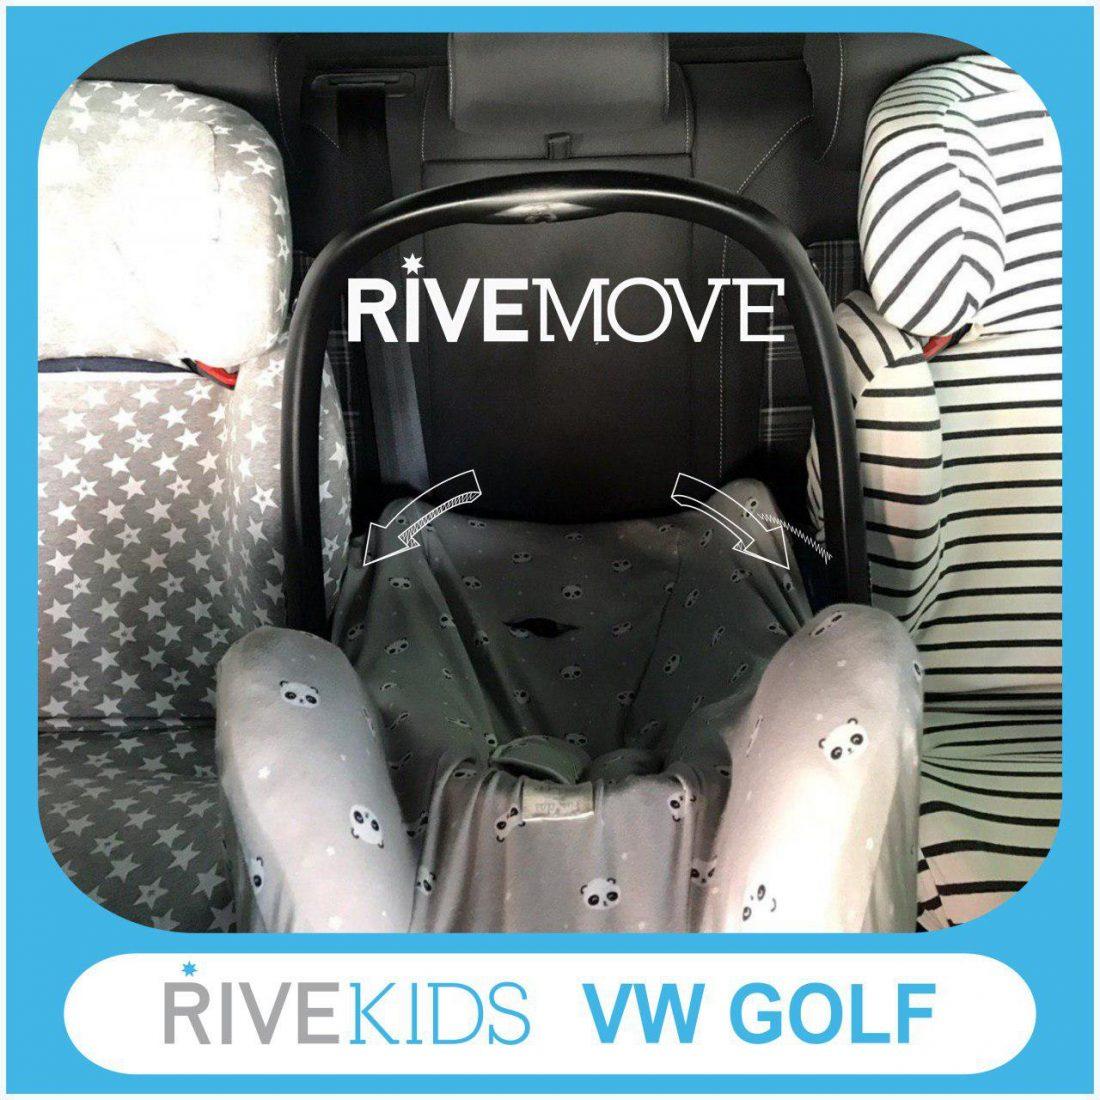 imagen de 3 sillas de auto instaladas en un volkswagen